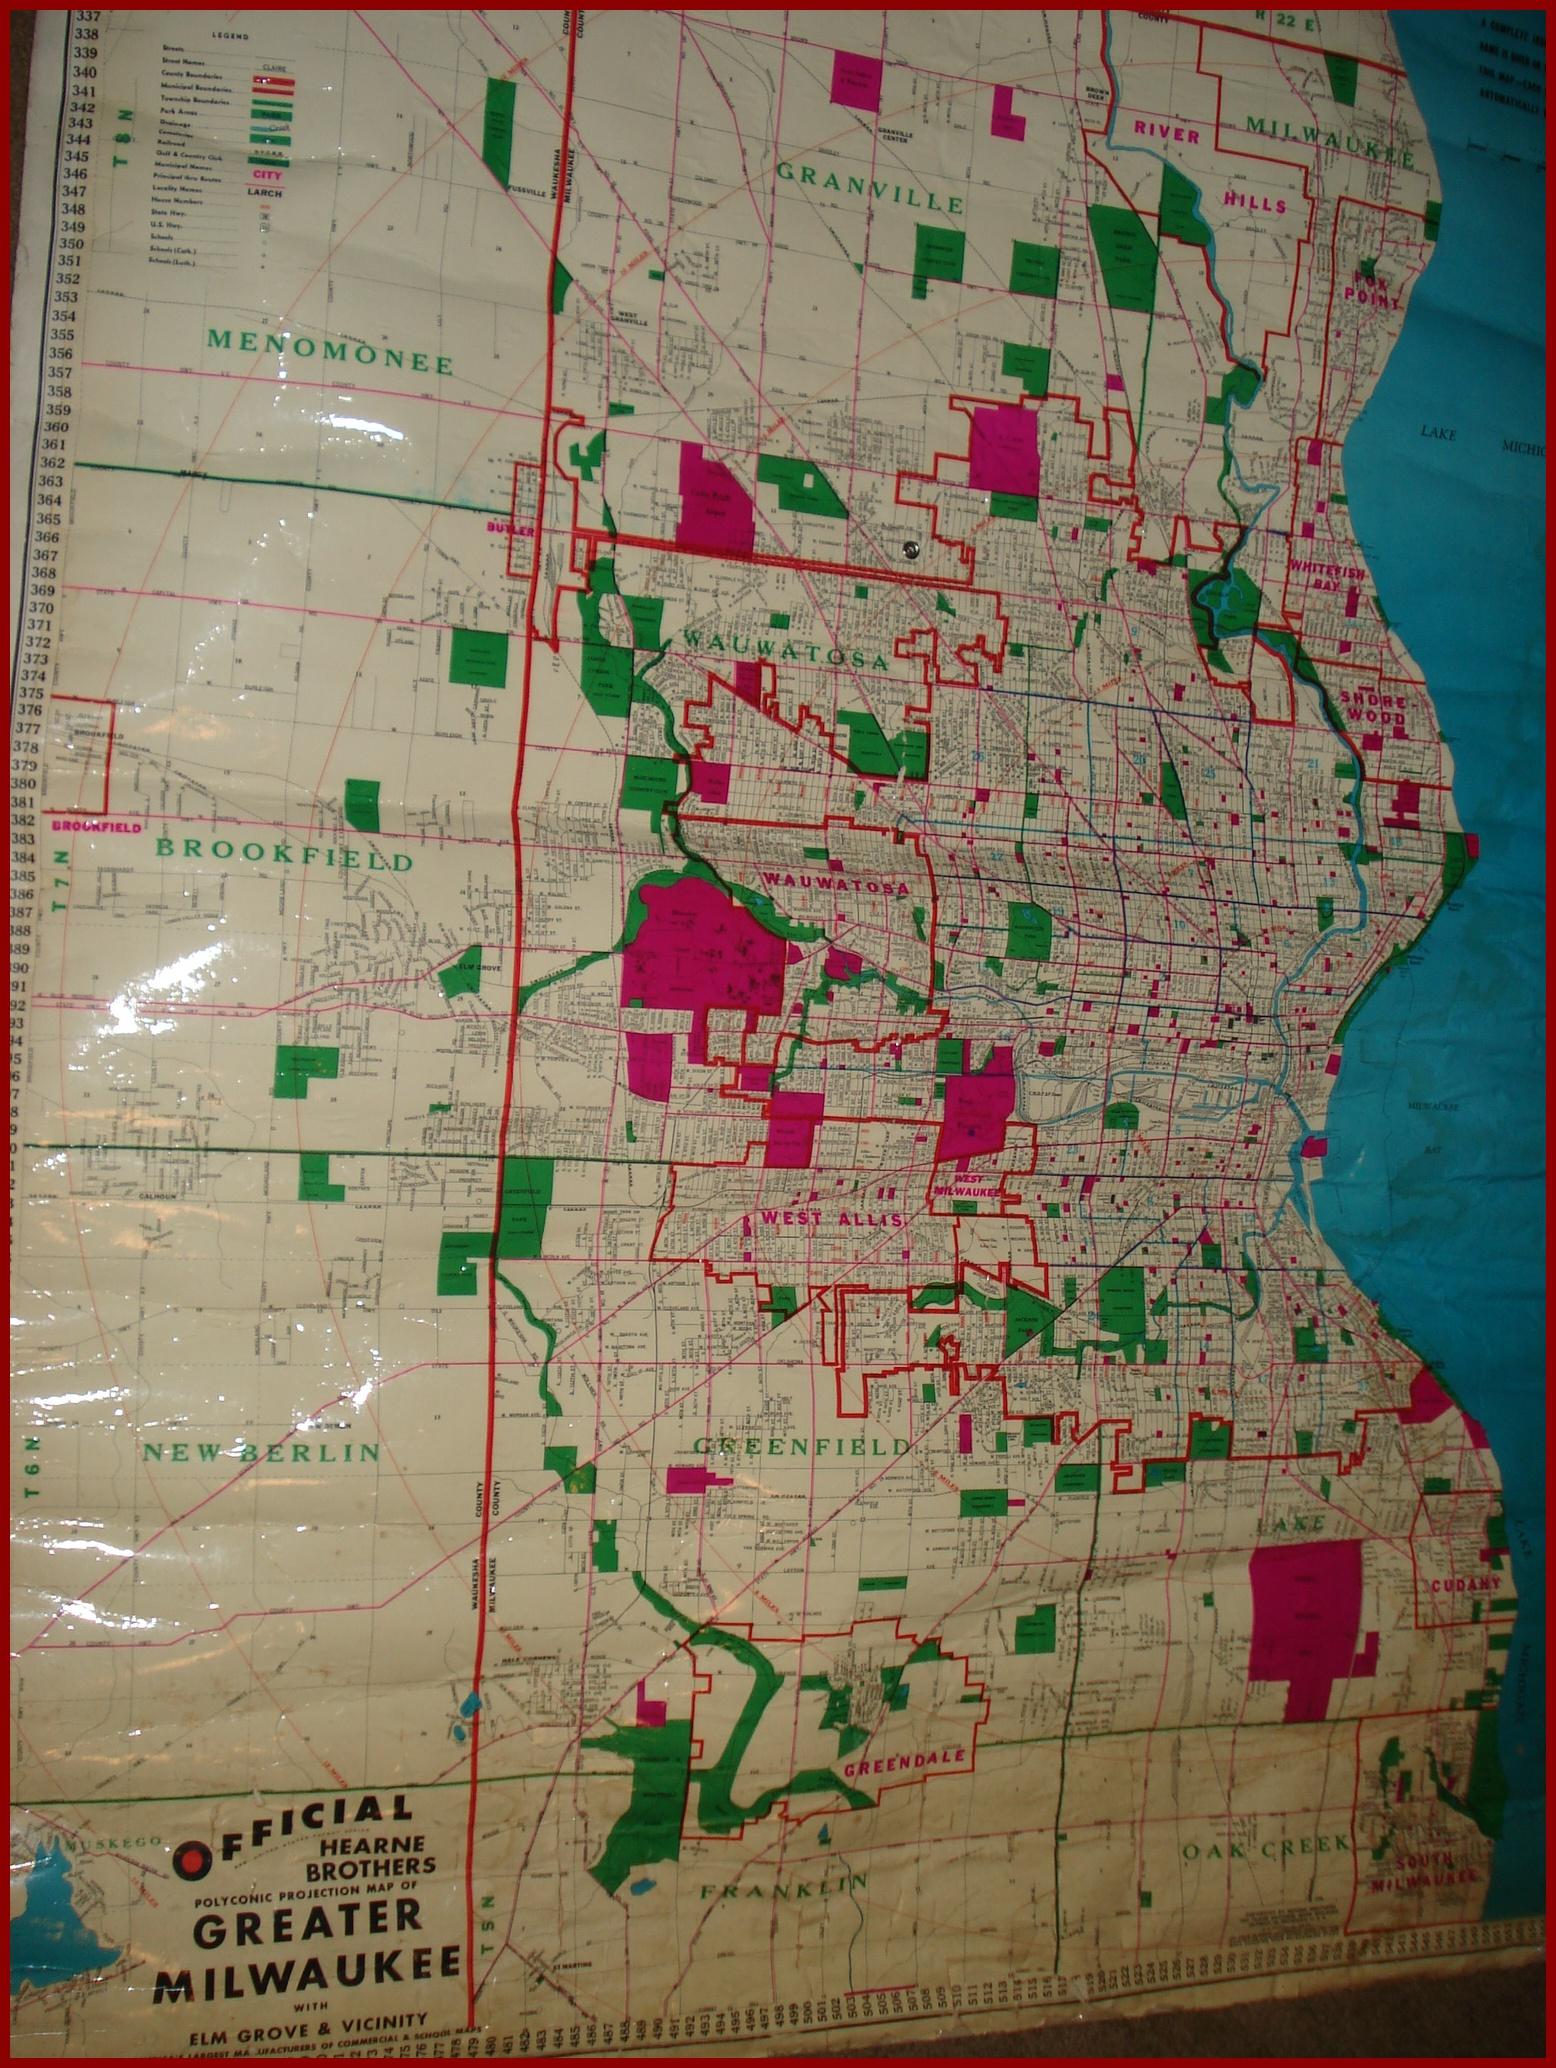 VINTAGE MILWAUKEE MAP Abandoned Treasures - Vintage milwaukee map